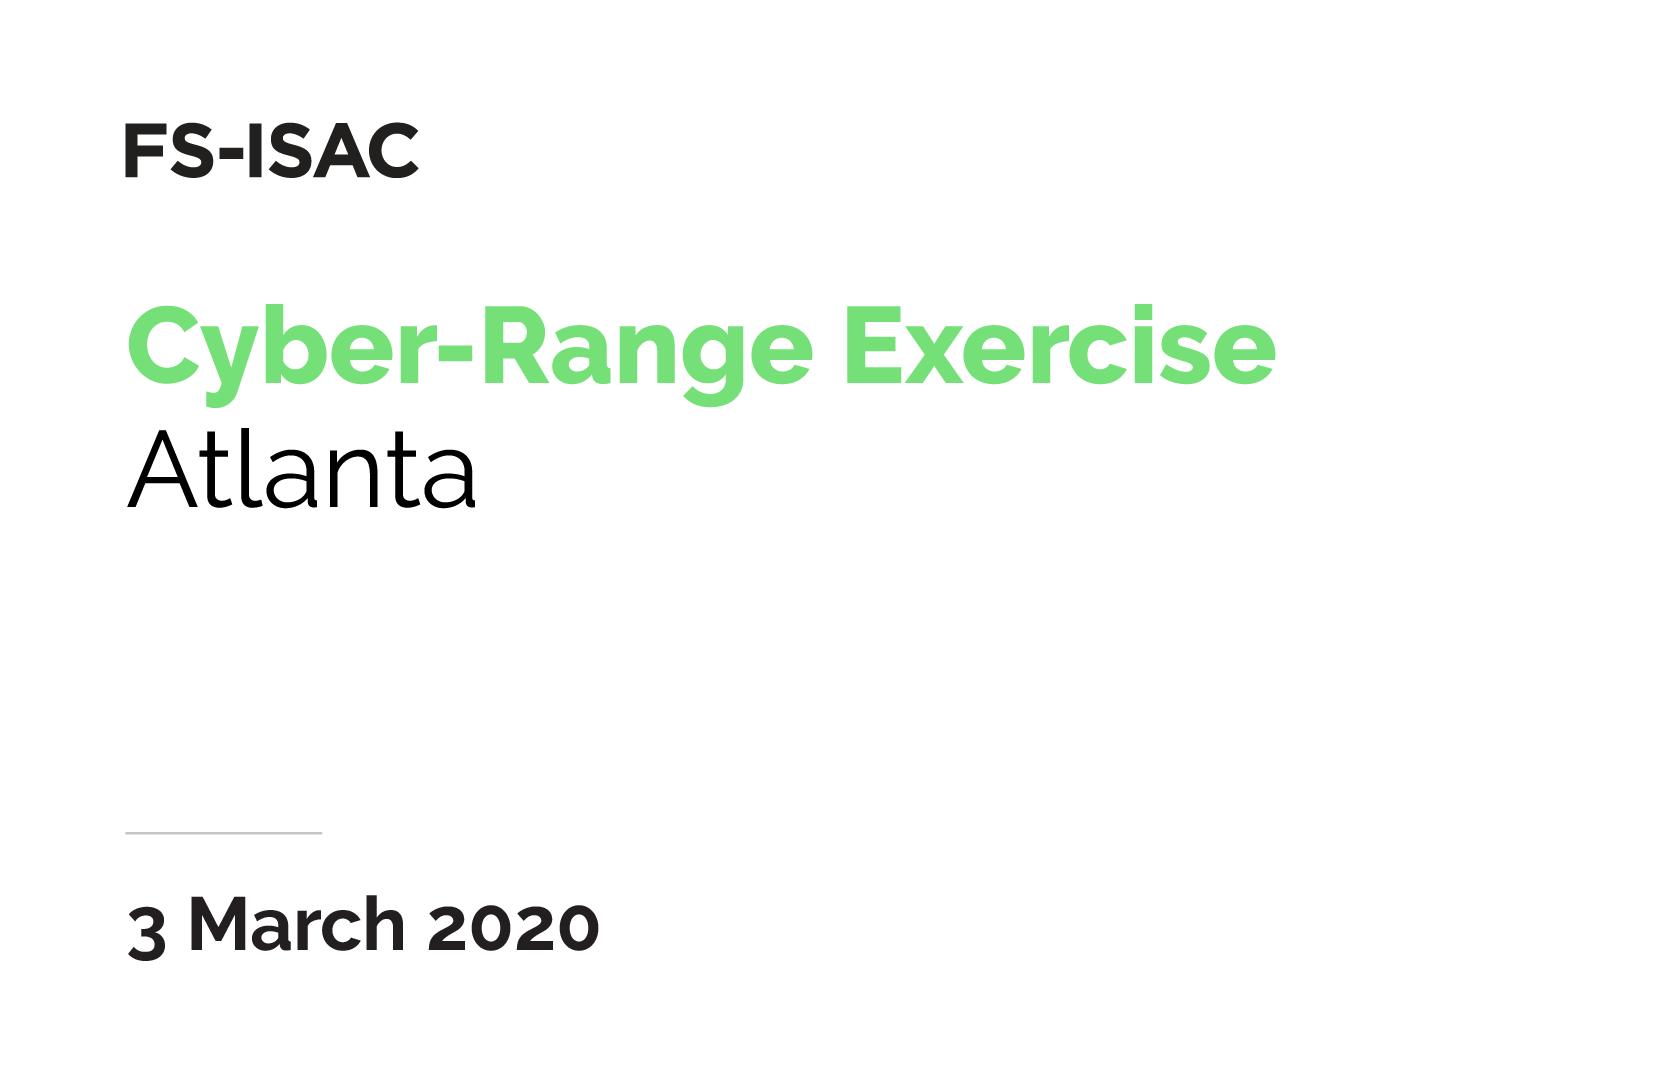 FS-ISAC Cyber-Range Exercise | Atlanta